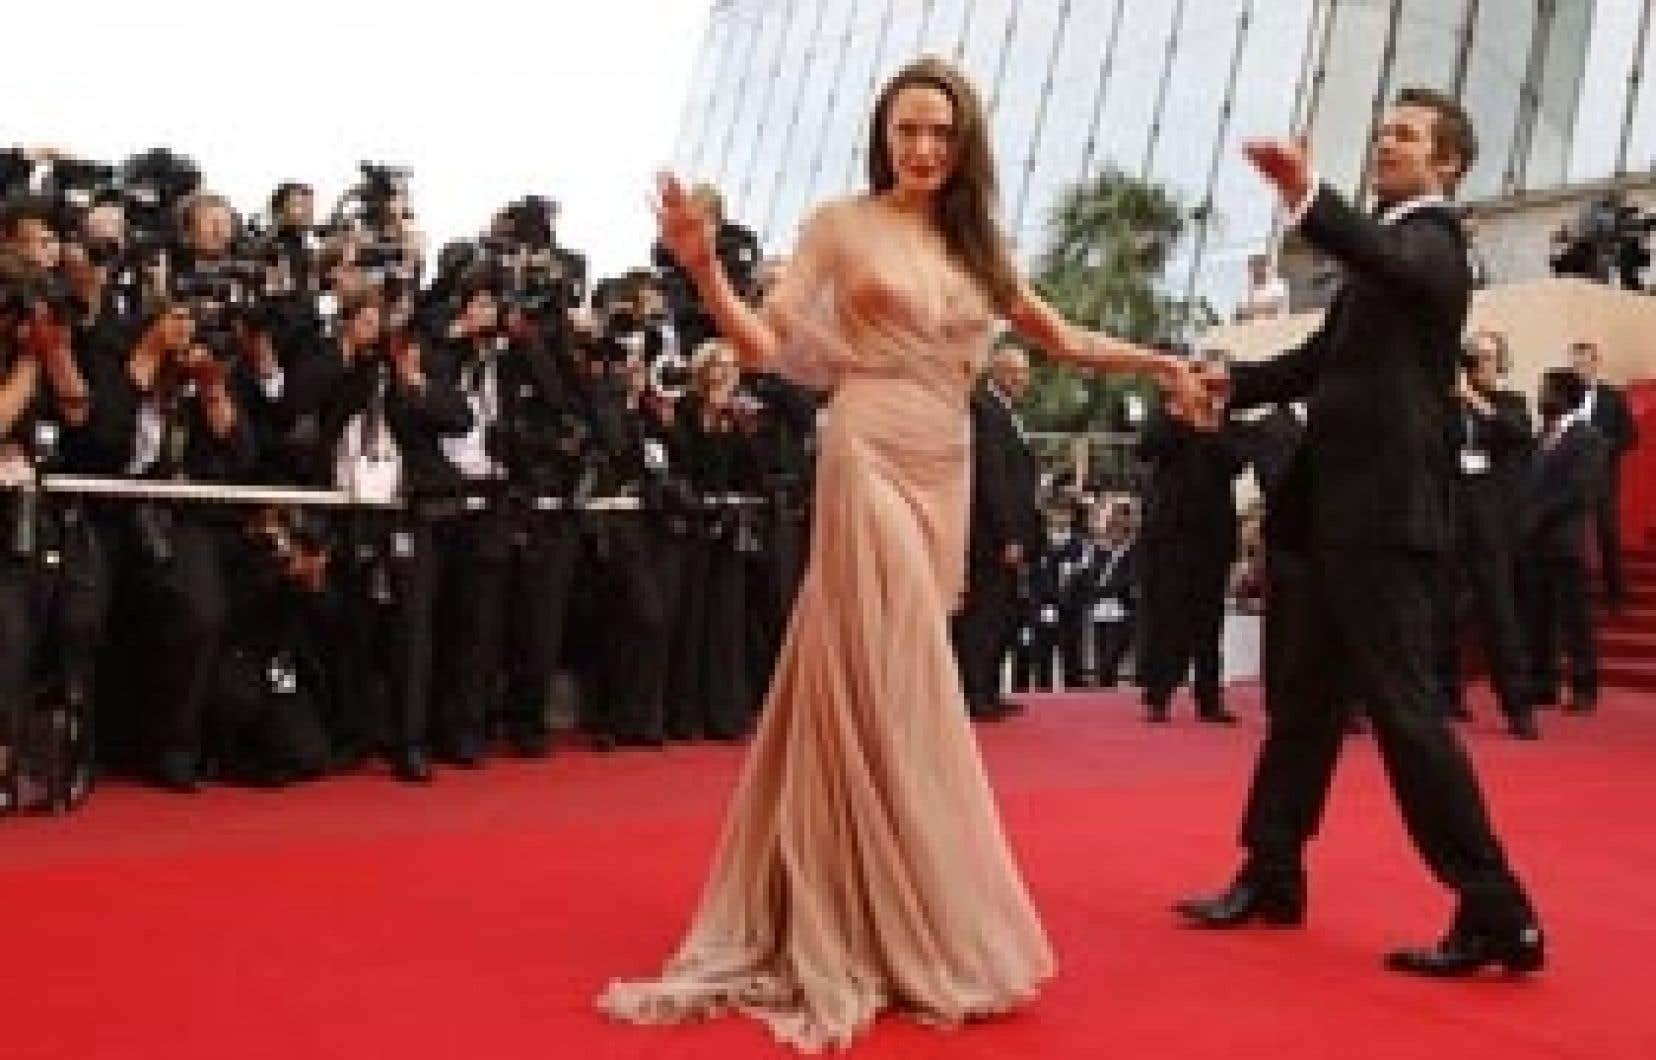 Brad Pitt et sa compagne Angelina Jolie esquissent quelques pas de danse à leur arrivée à la projection du film Inglorious Basterds, de Quentin Tarantino, dans lequel Pitt défend le rôle principal.